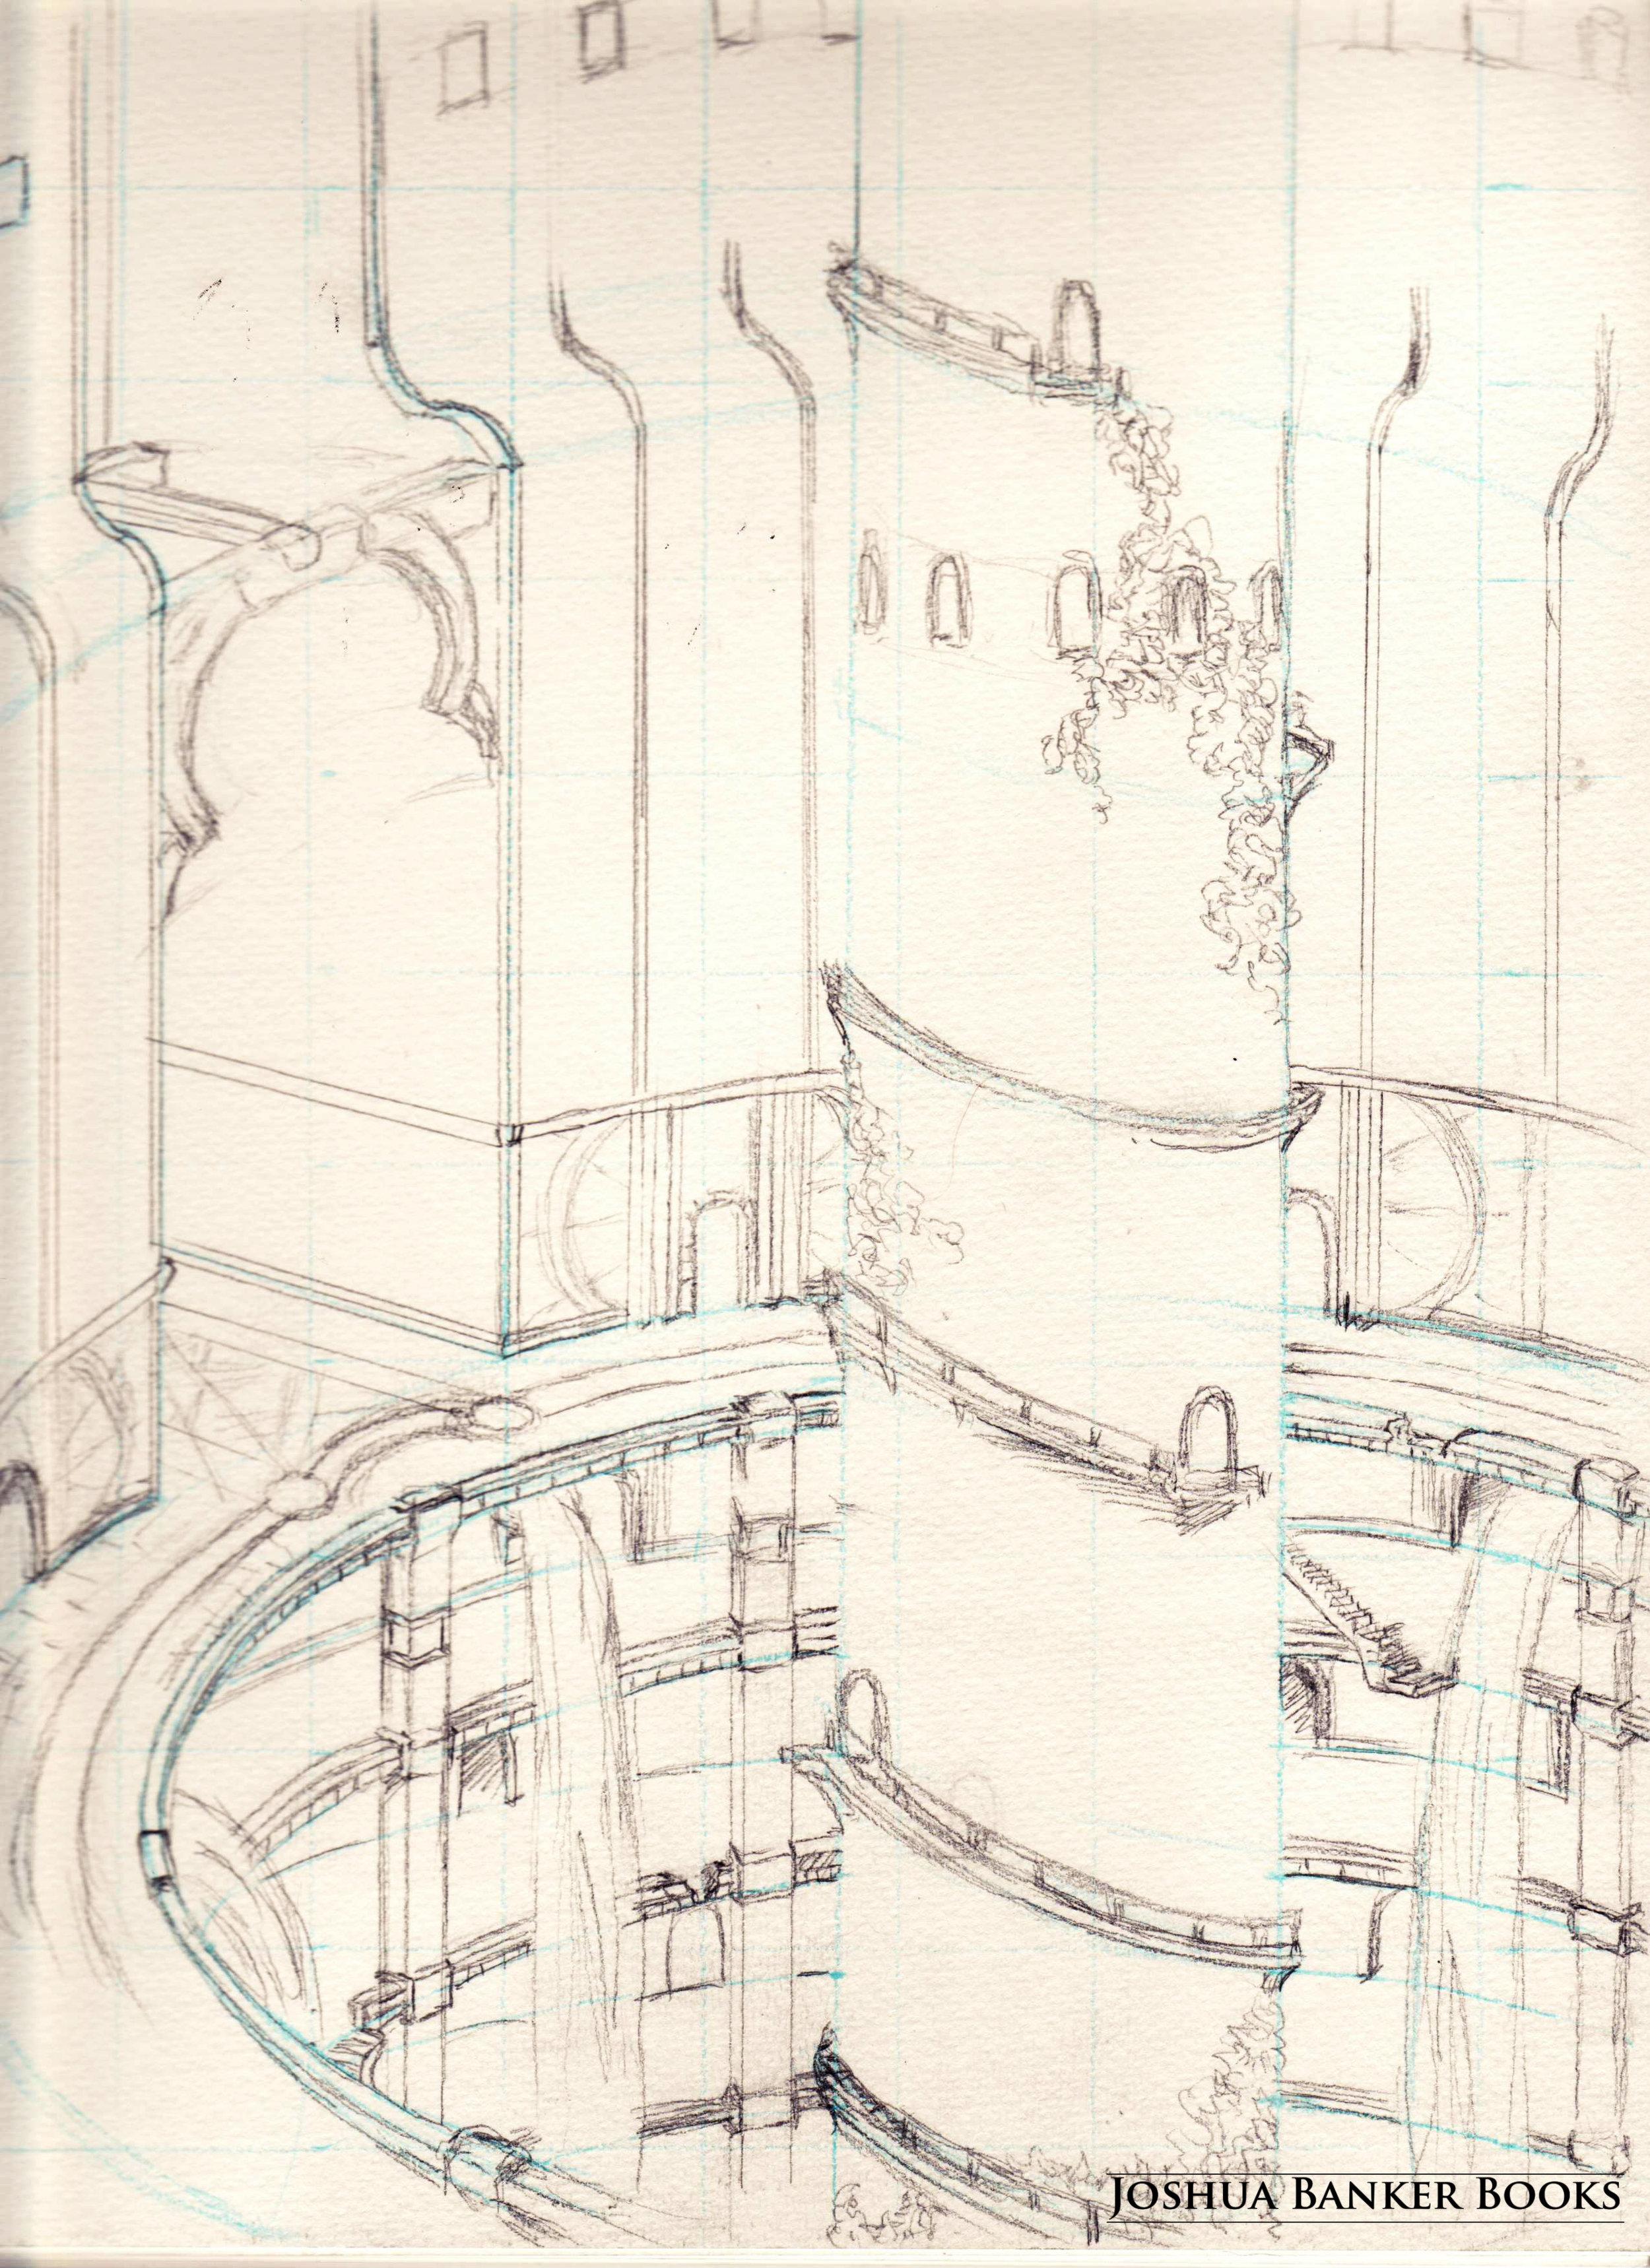 Stairwell Interior (sketch)